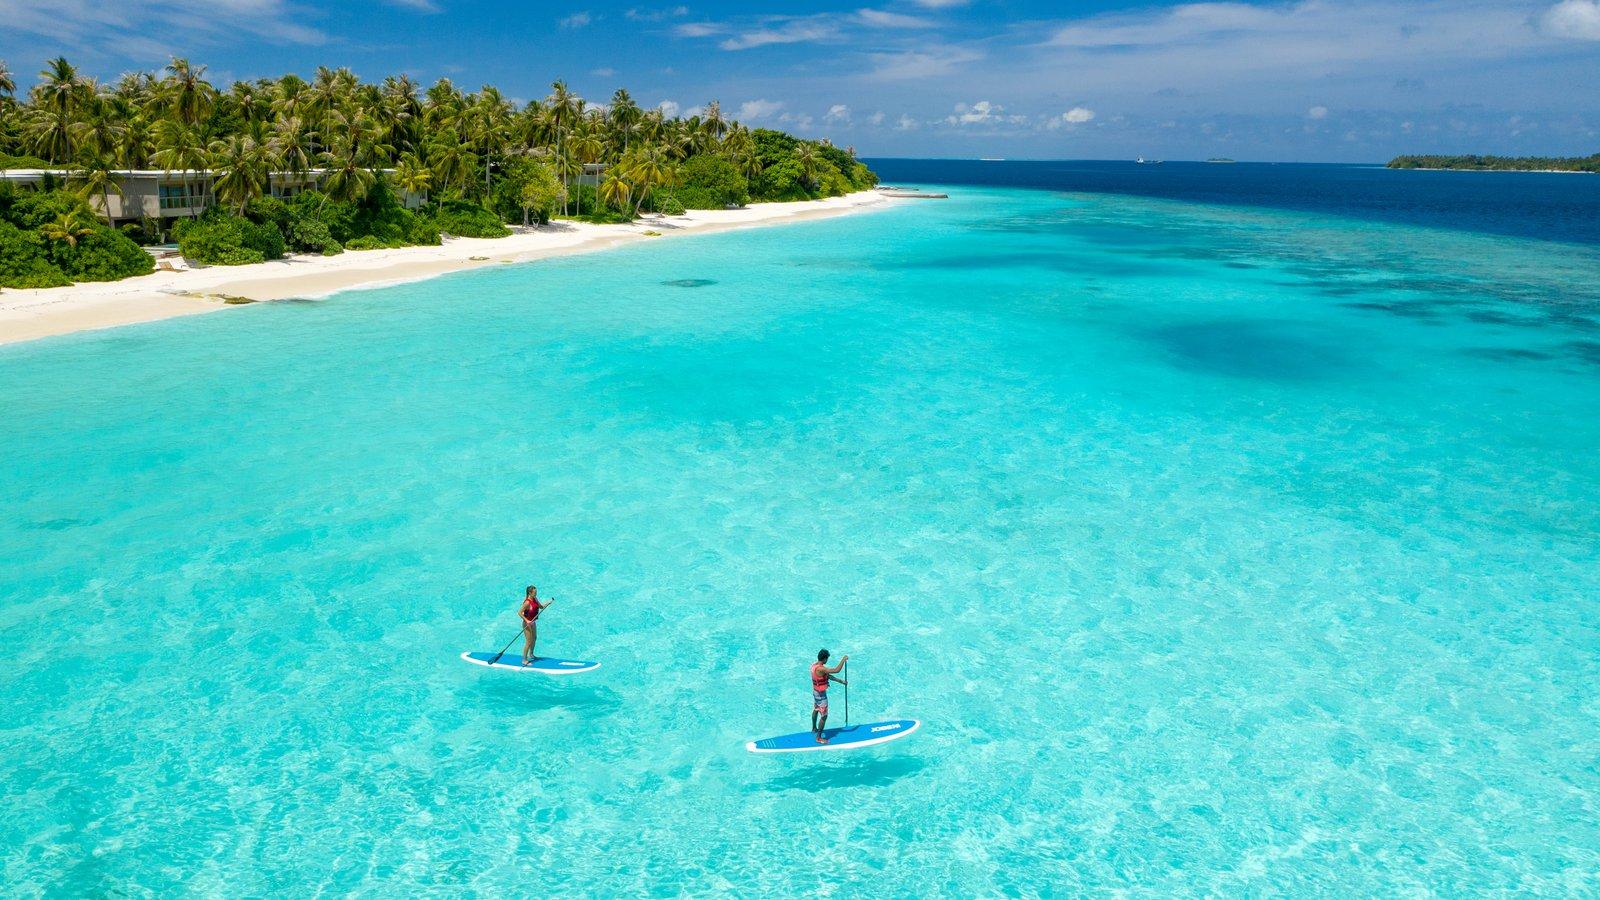 Мальдивы, отель Amilla Fushi Maldives, водный спорт